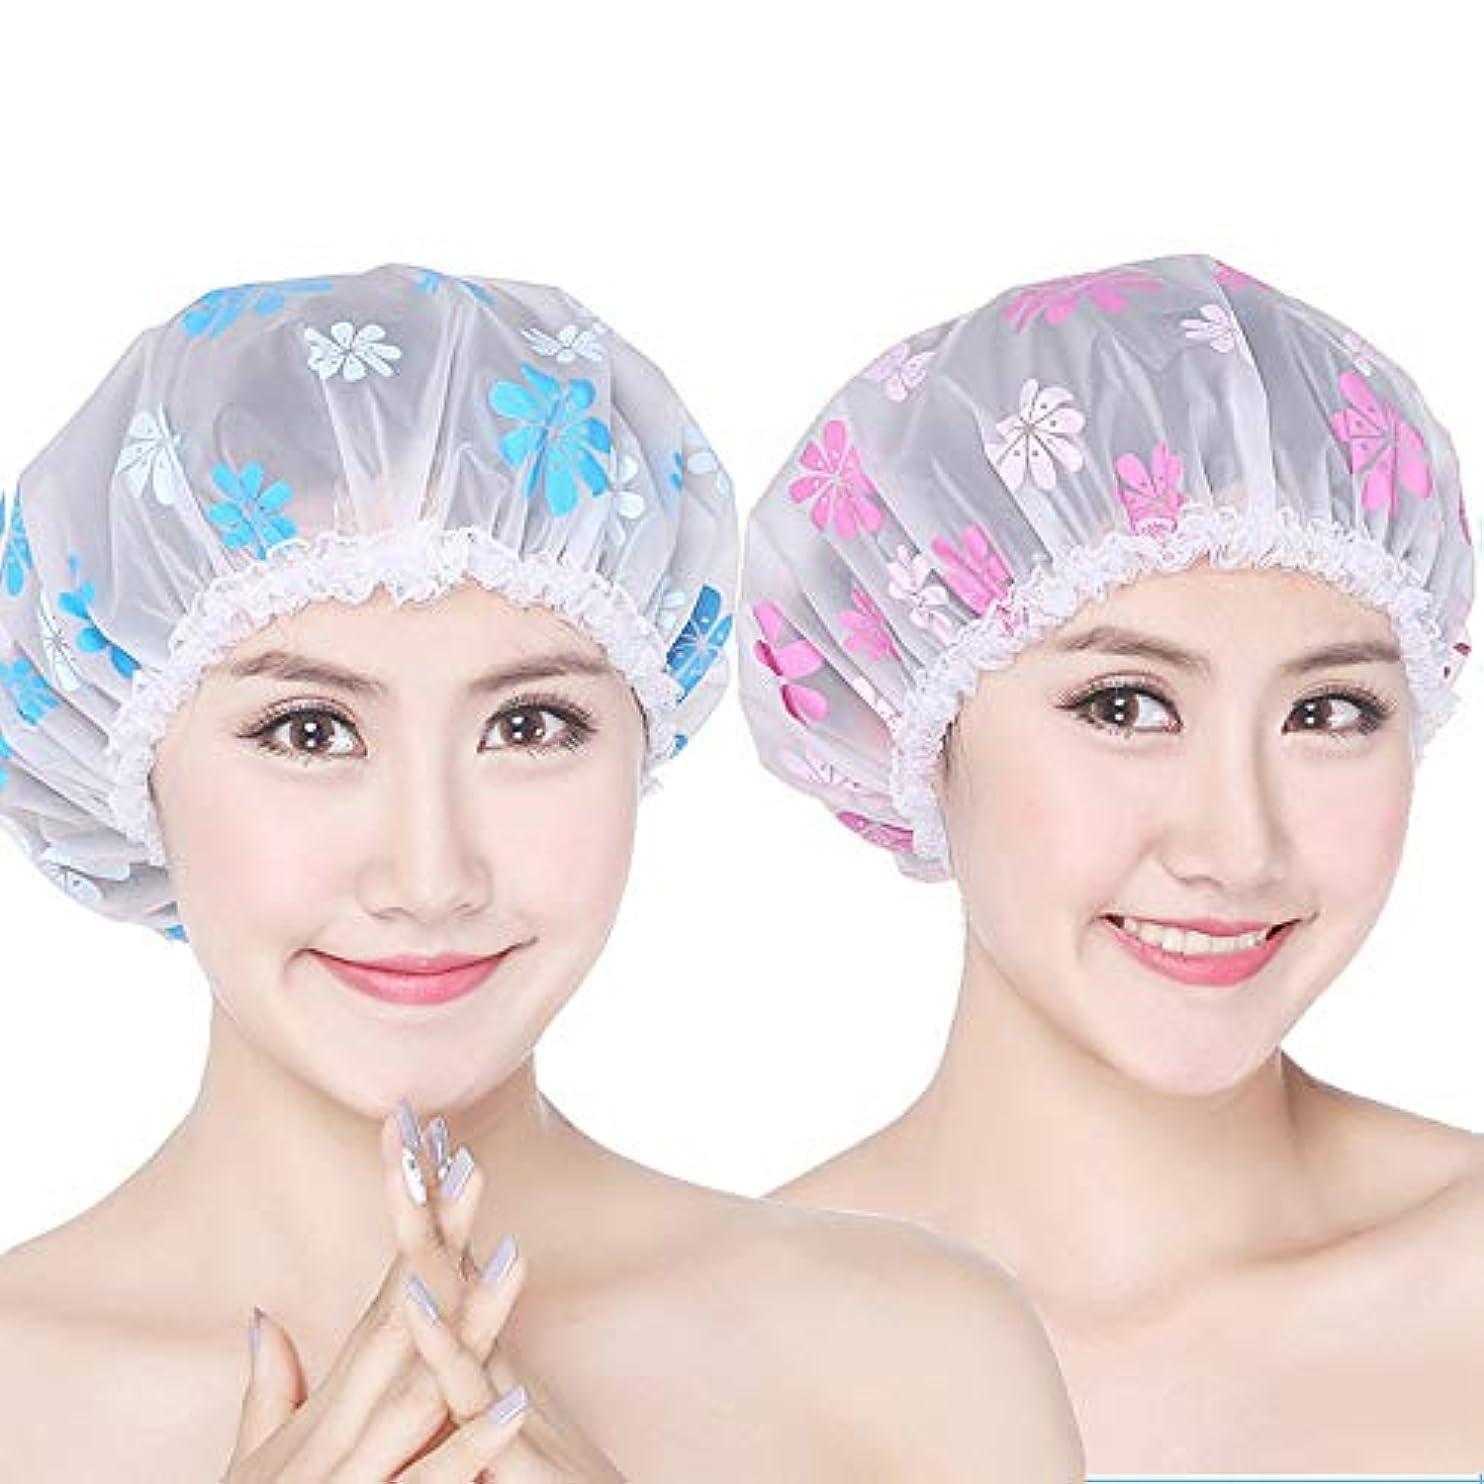 反逆者娯楽生き残りますOnior 高品質シャワーキャップ バス用品 かわいい シャワーキャップ ヘアキャップ ヘアーキャップ ヘアーターバン 入浴キャップ 帽子 お風呂 シャワー用に 2枚セット